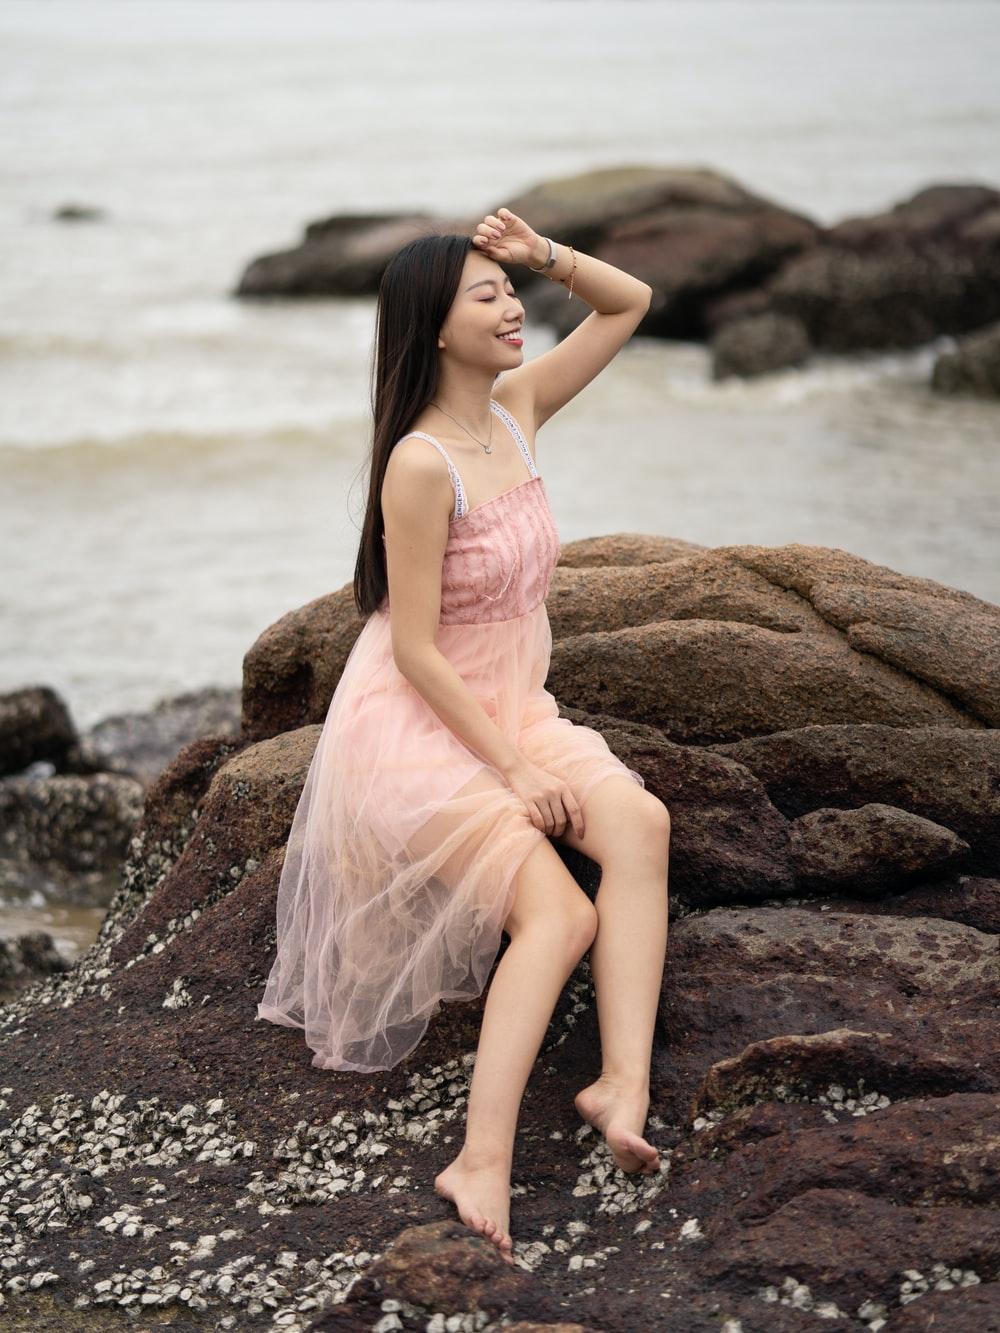 woman in pink dress sitting on seaside rocks